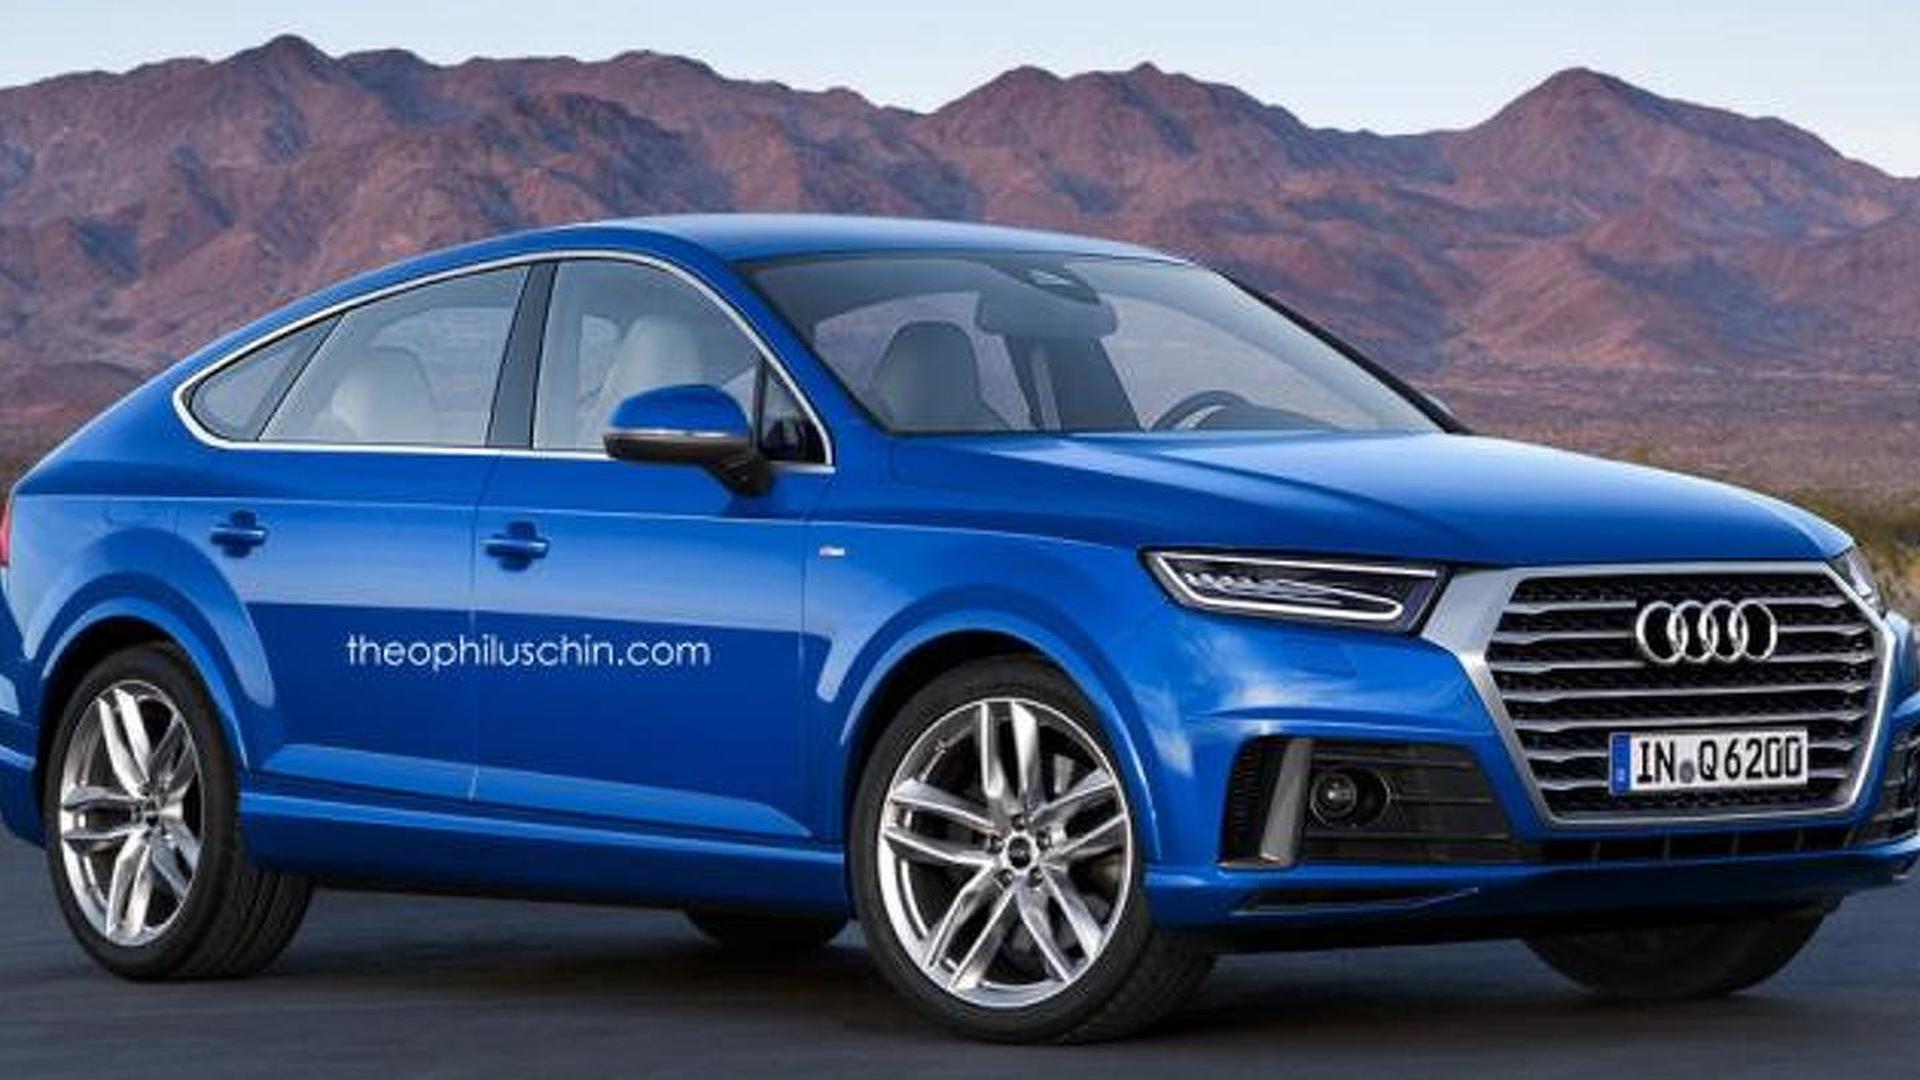 Рендер Audi Q6 неофициально от theophiluschin.com